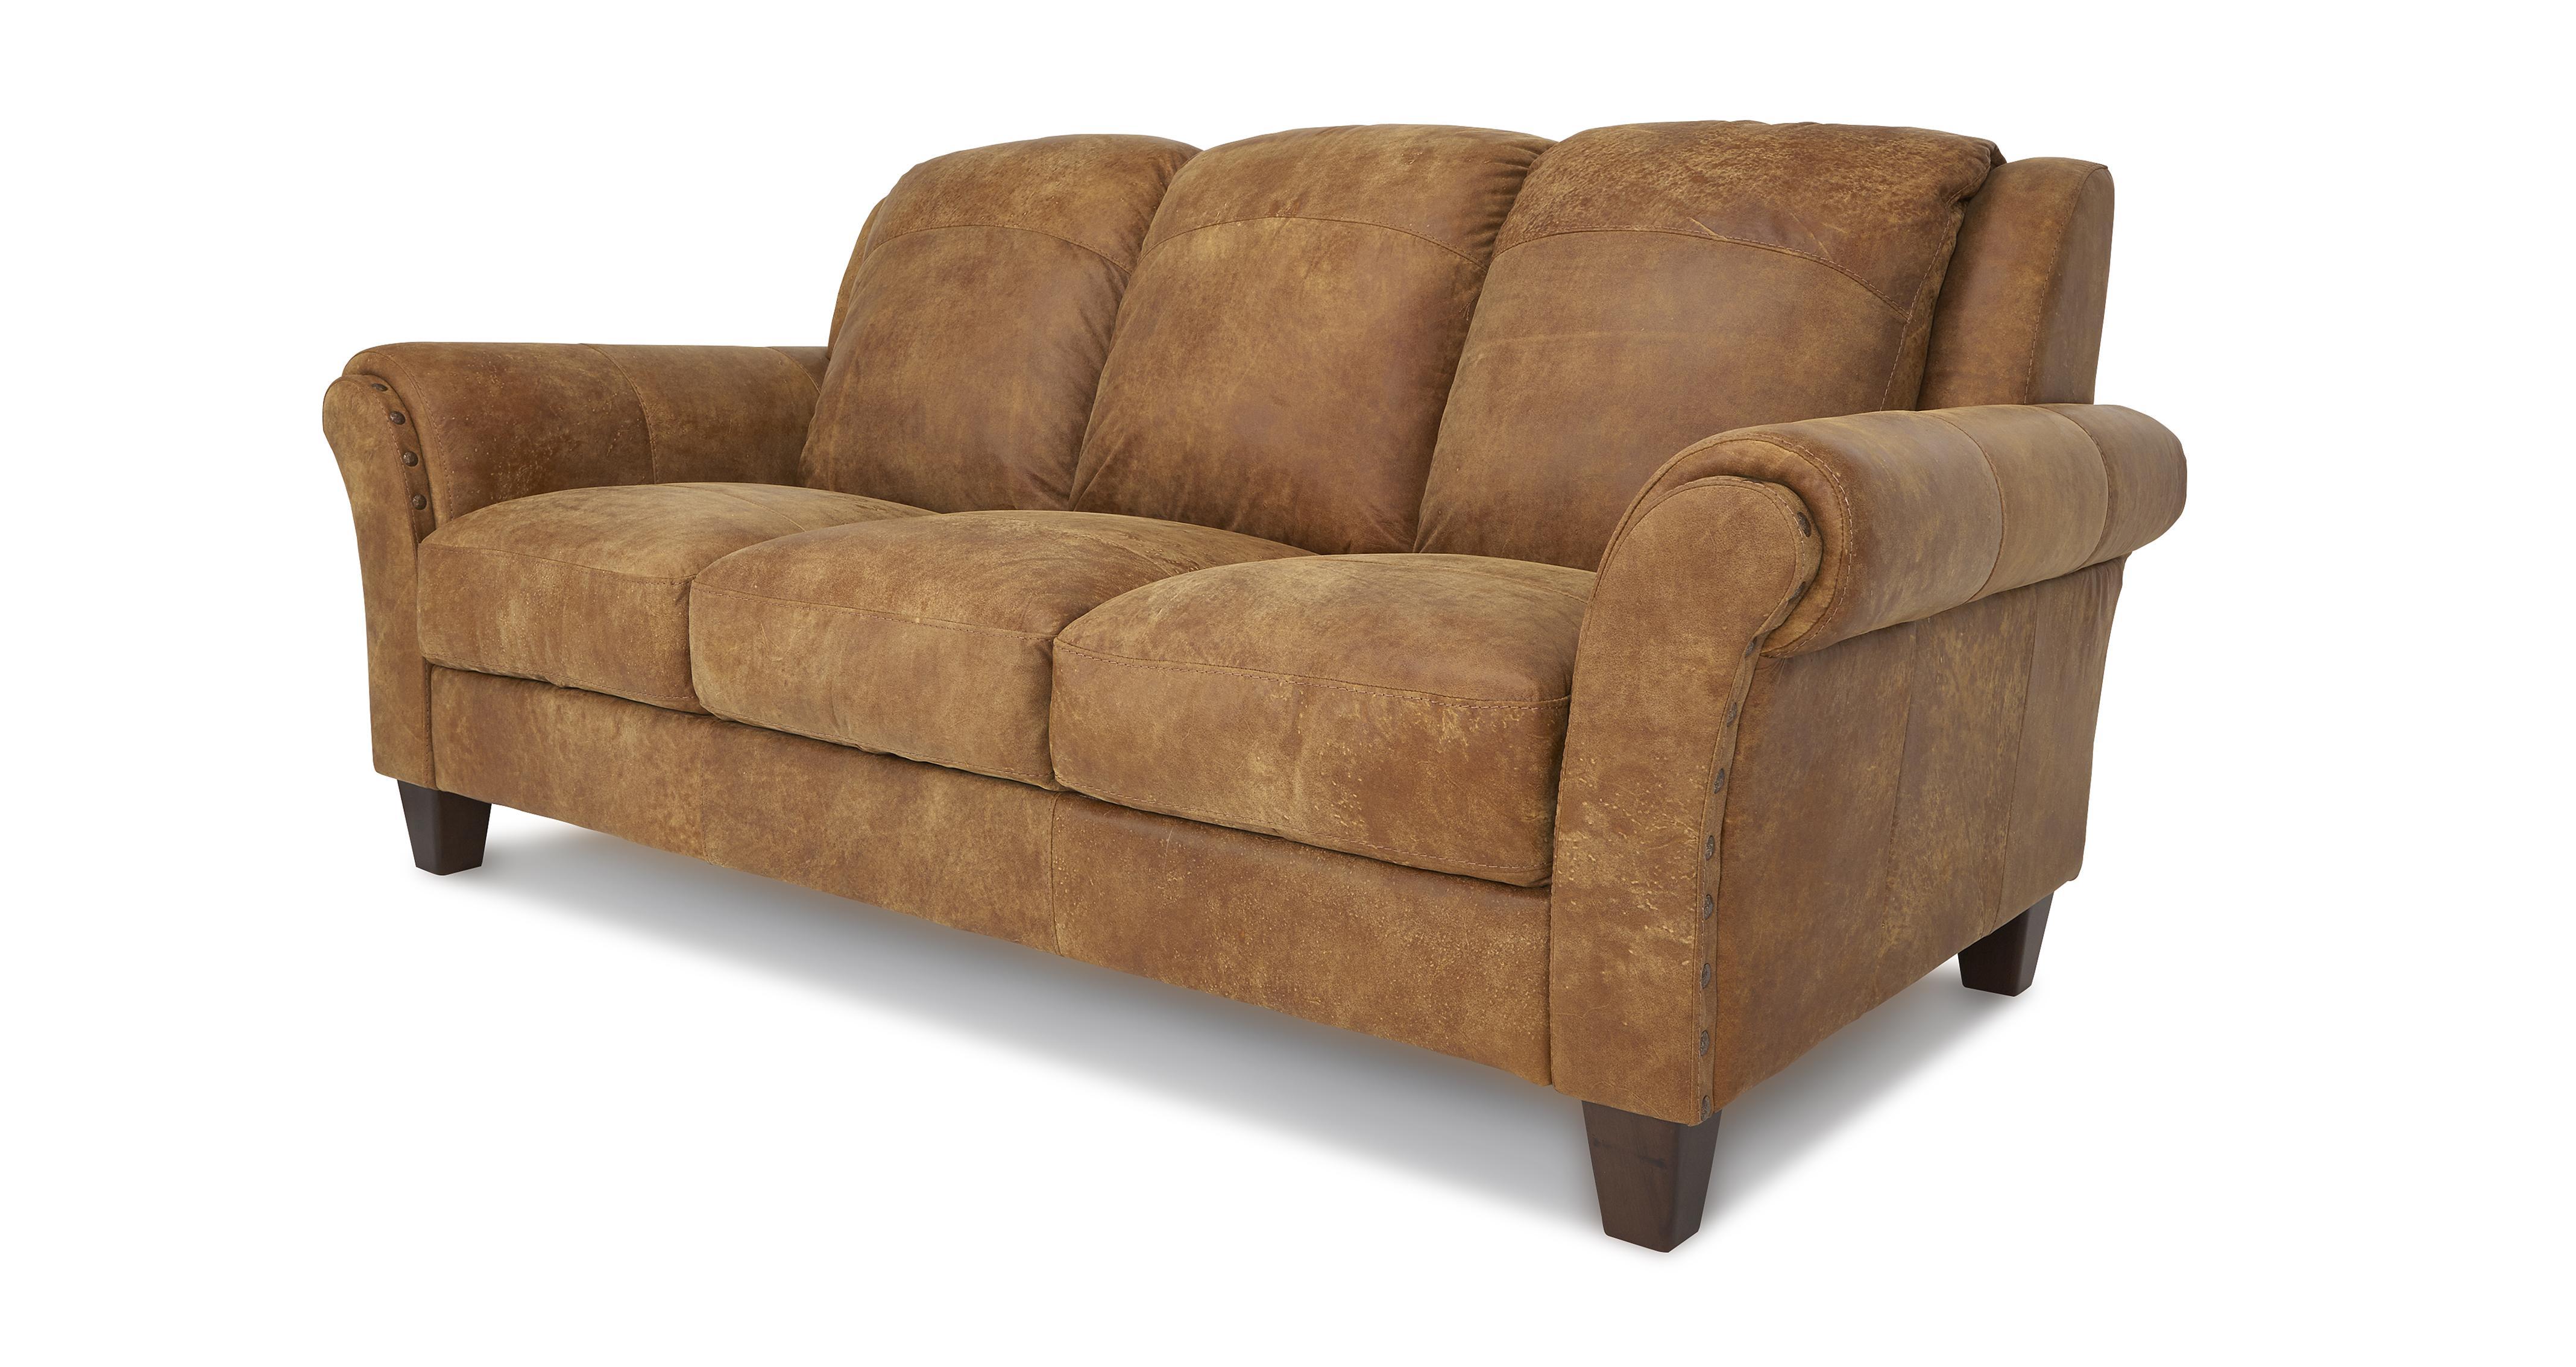 Sofas On Finance No Deposit Uk picture on 3 seater sofa outback 100200015p  1 with Sofas On Finance No Deposit Uk, sofa 7b3ab9e2d4fa8d1d199173a29383b61e